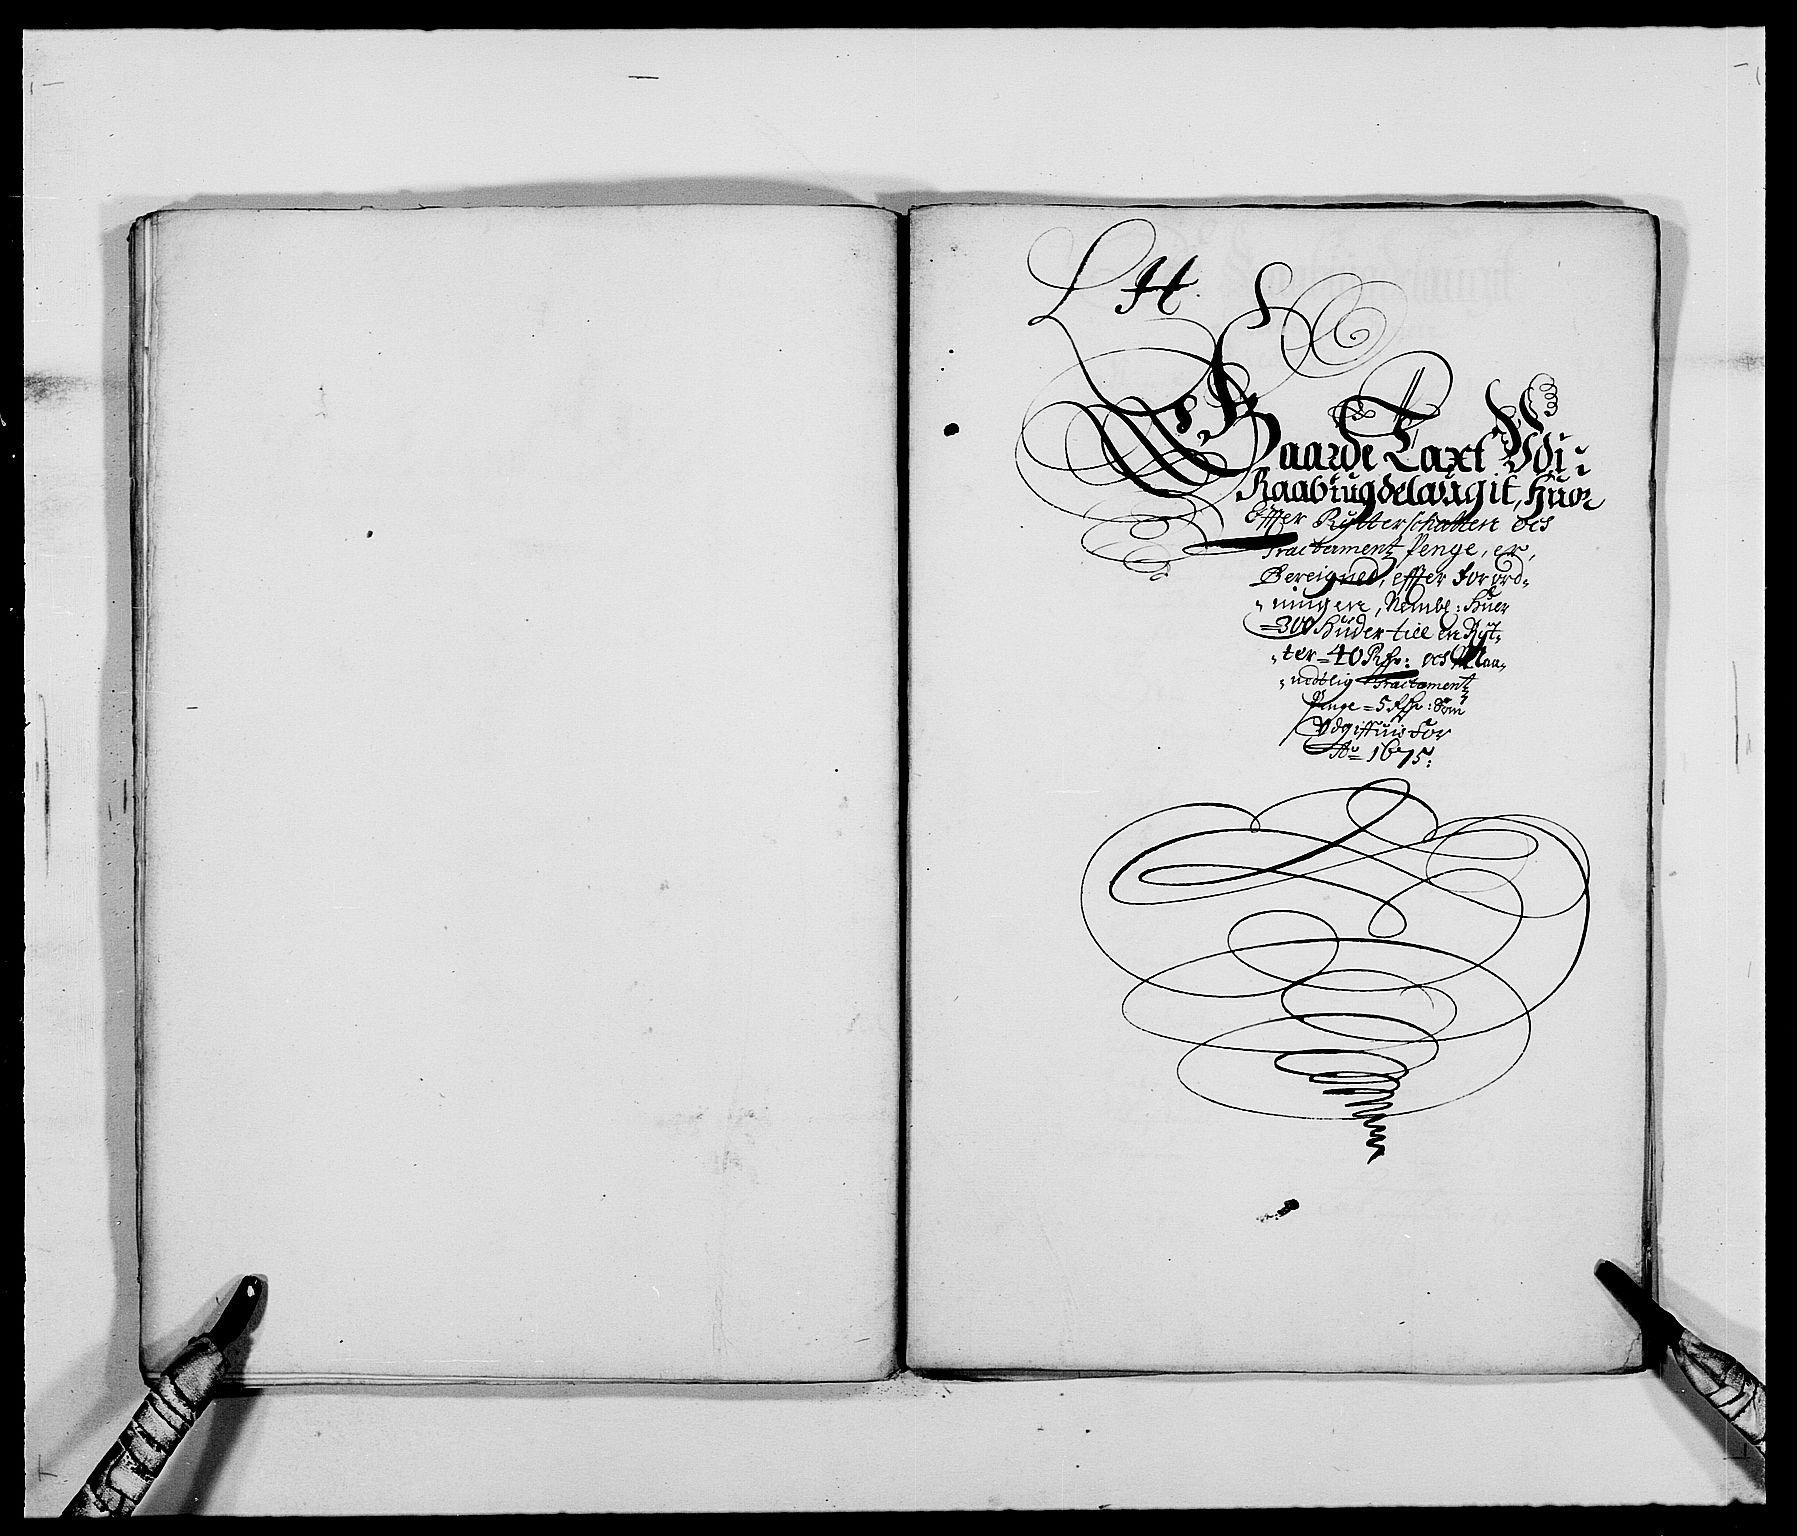 RA, Rentekammeret inntil 1814, Reviderte regnskaper, Fogderegnskap, R40/L2434: Fogderegnskap Råbyggelag, 1675-1676, s. 86